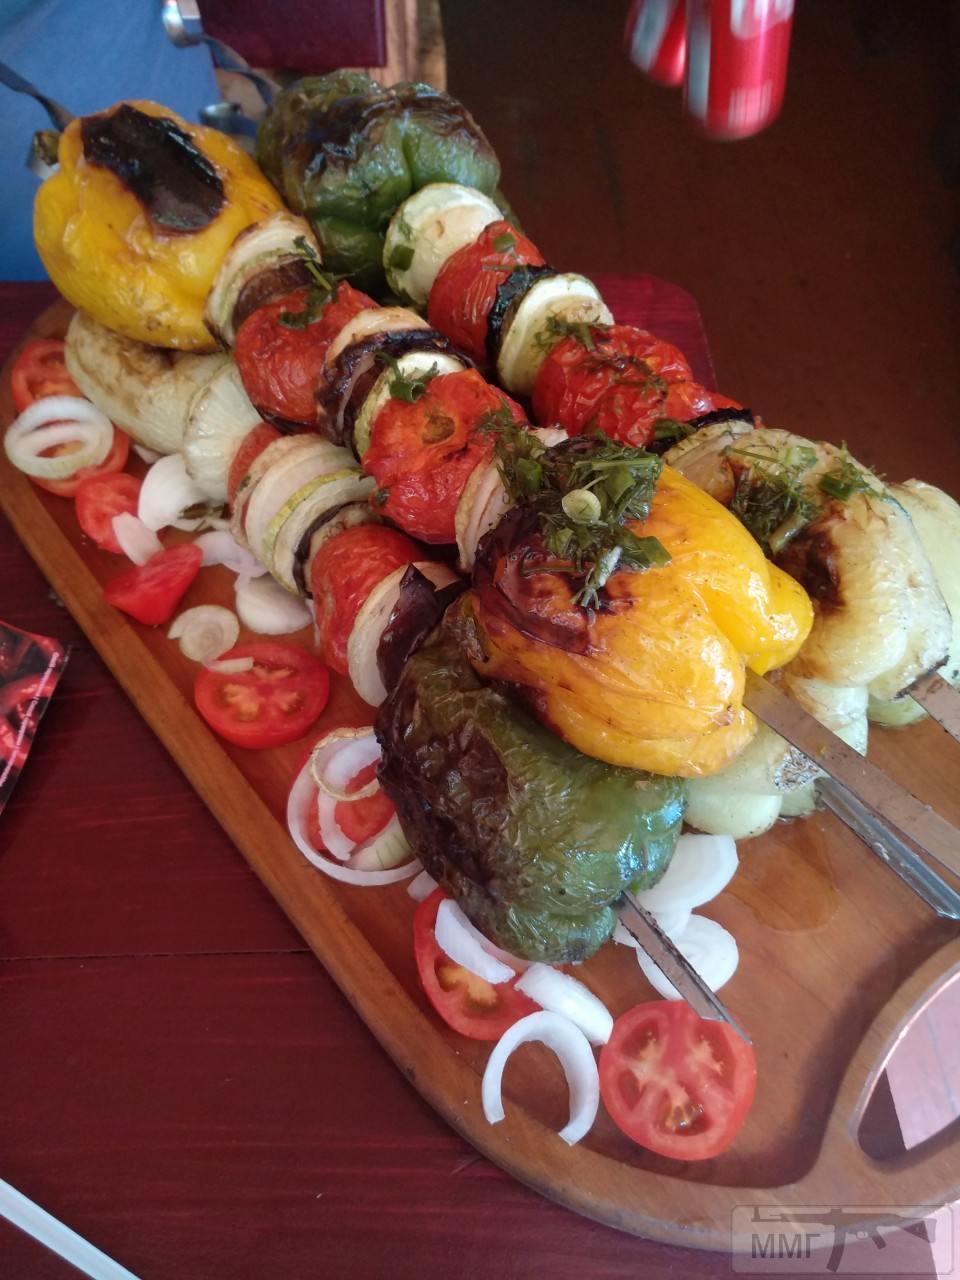 107226 - Закуски на огне (мангал, барбекю и т.д.) и кулинария вообще. Советы и рецепты.